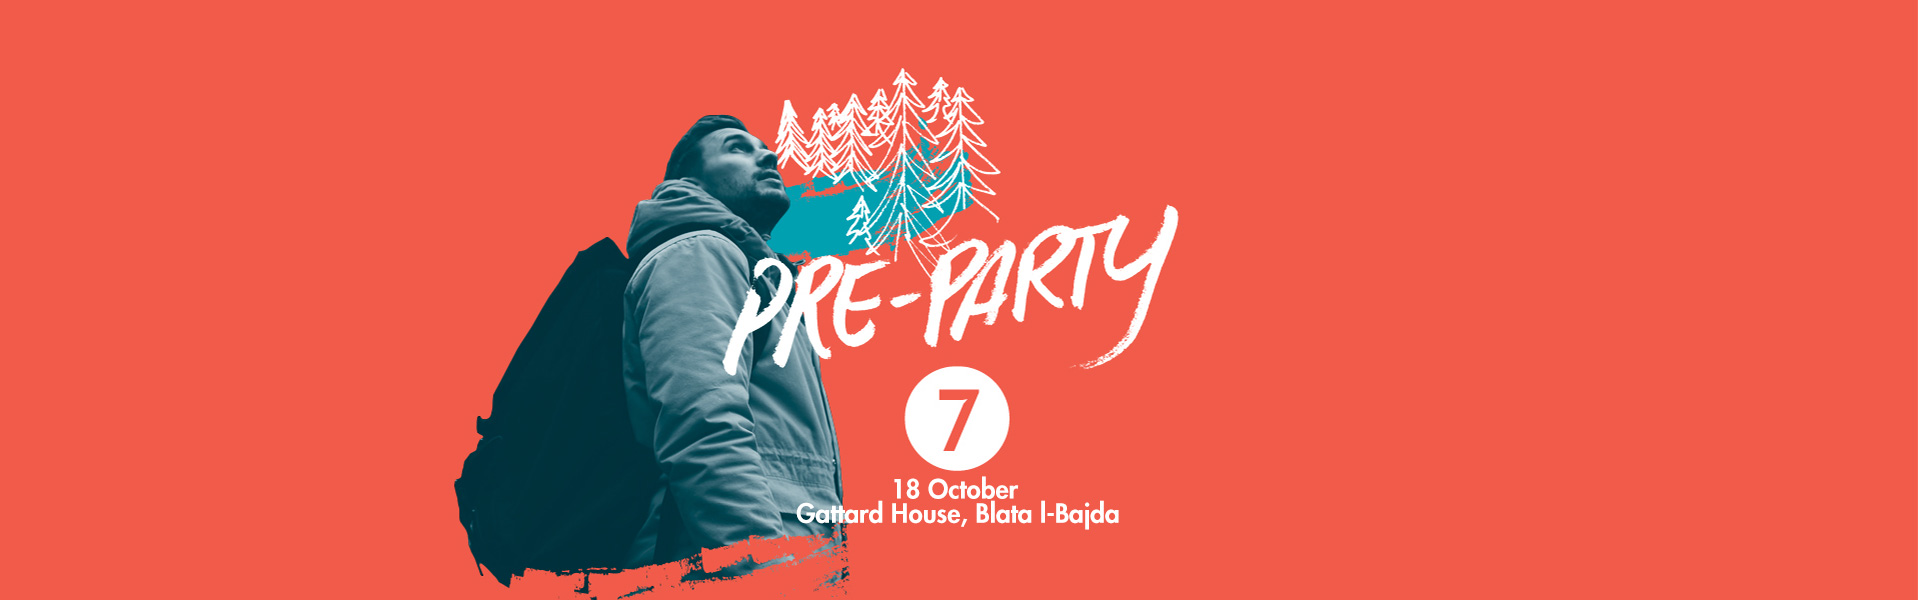 pre-party-web